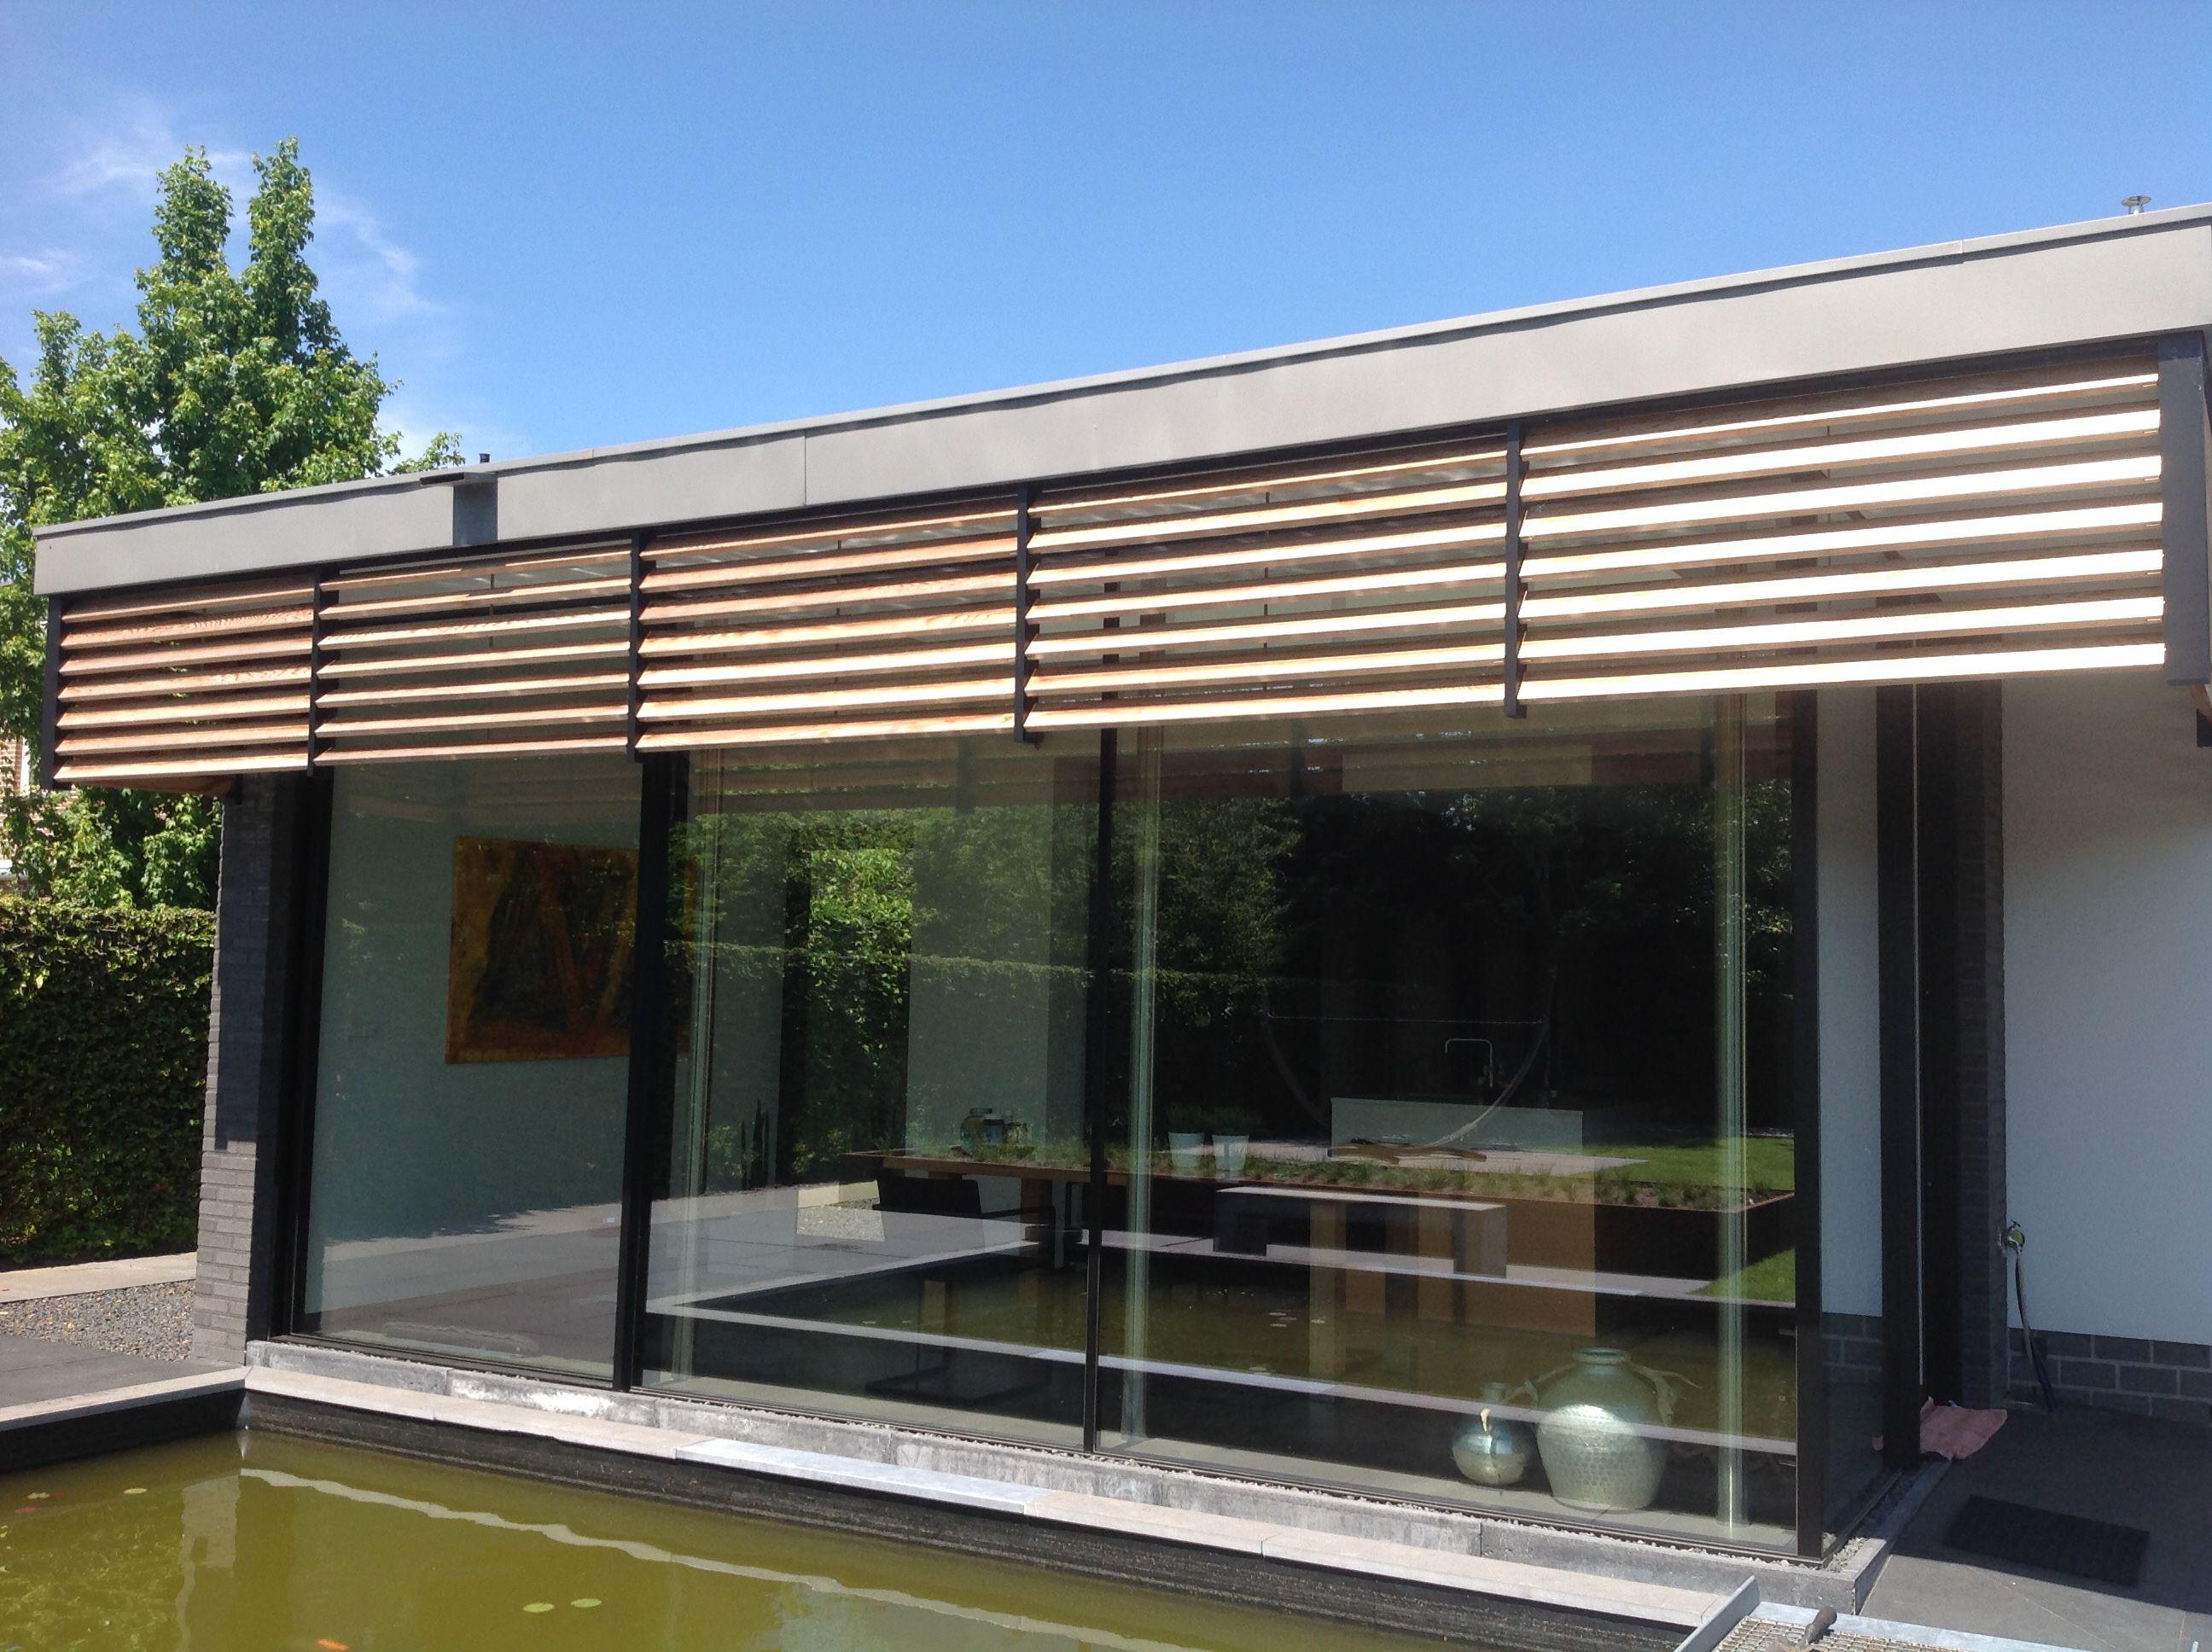 Door onszelf gemaakte zonwering van red cedar lamellen kantelbaar zijn hout en gepoedercoat aluminium